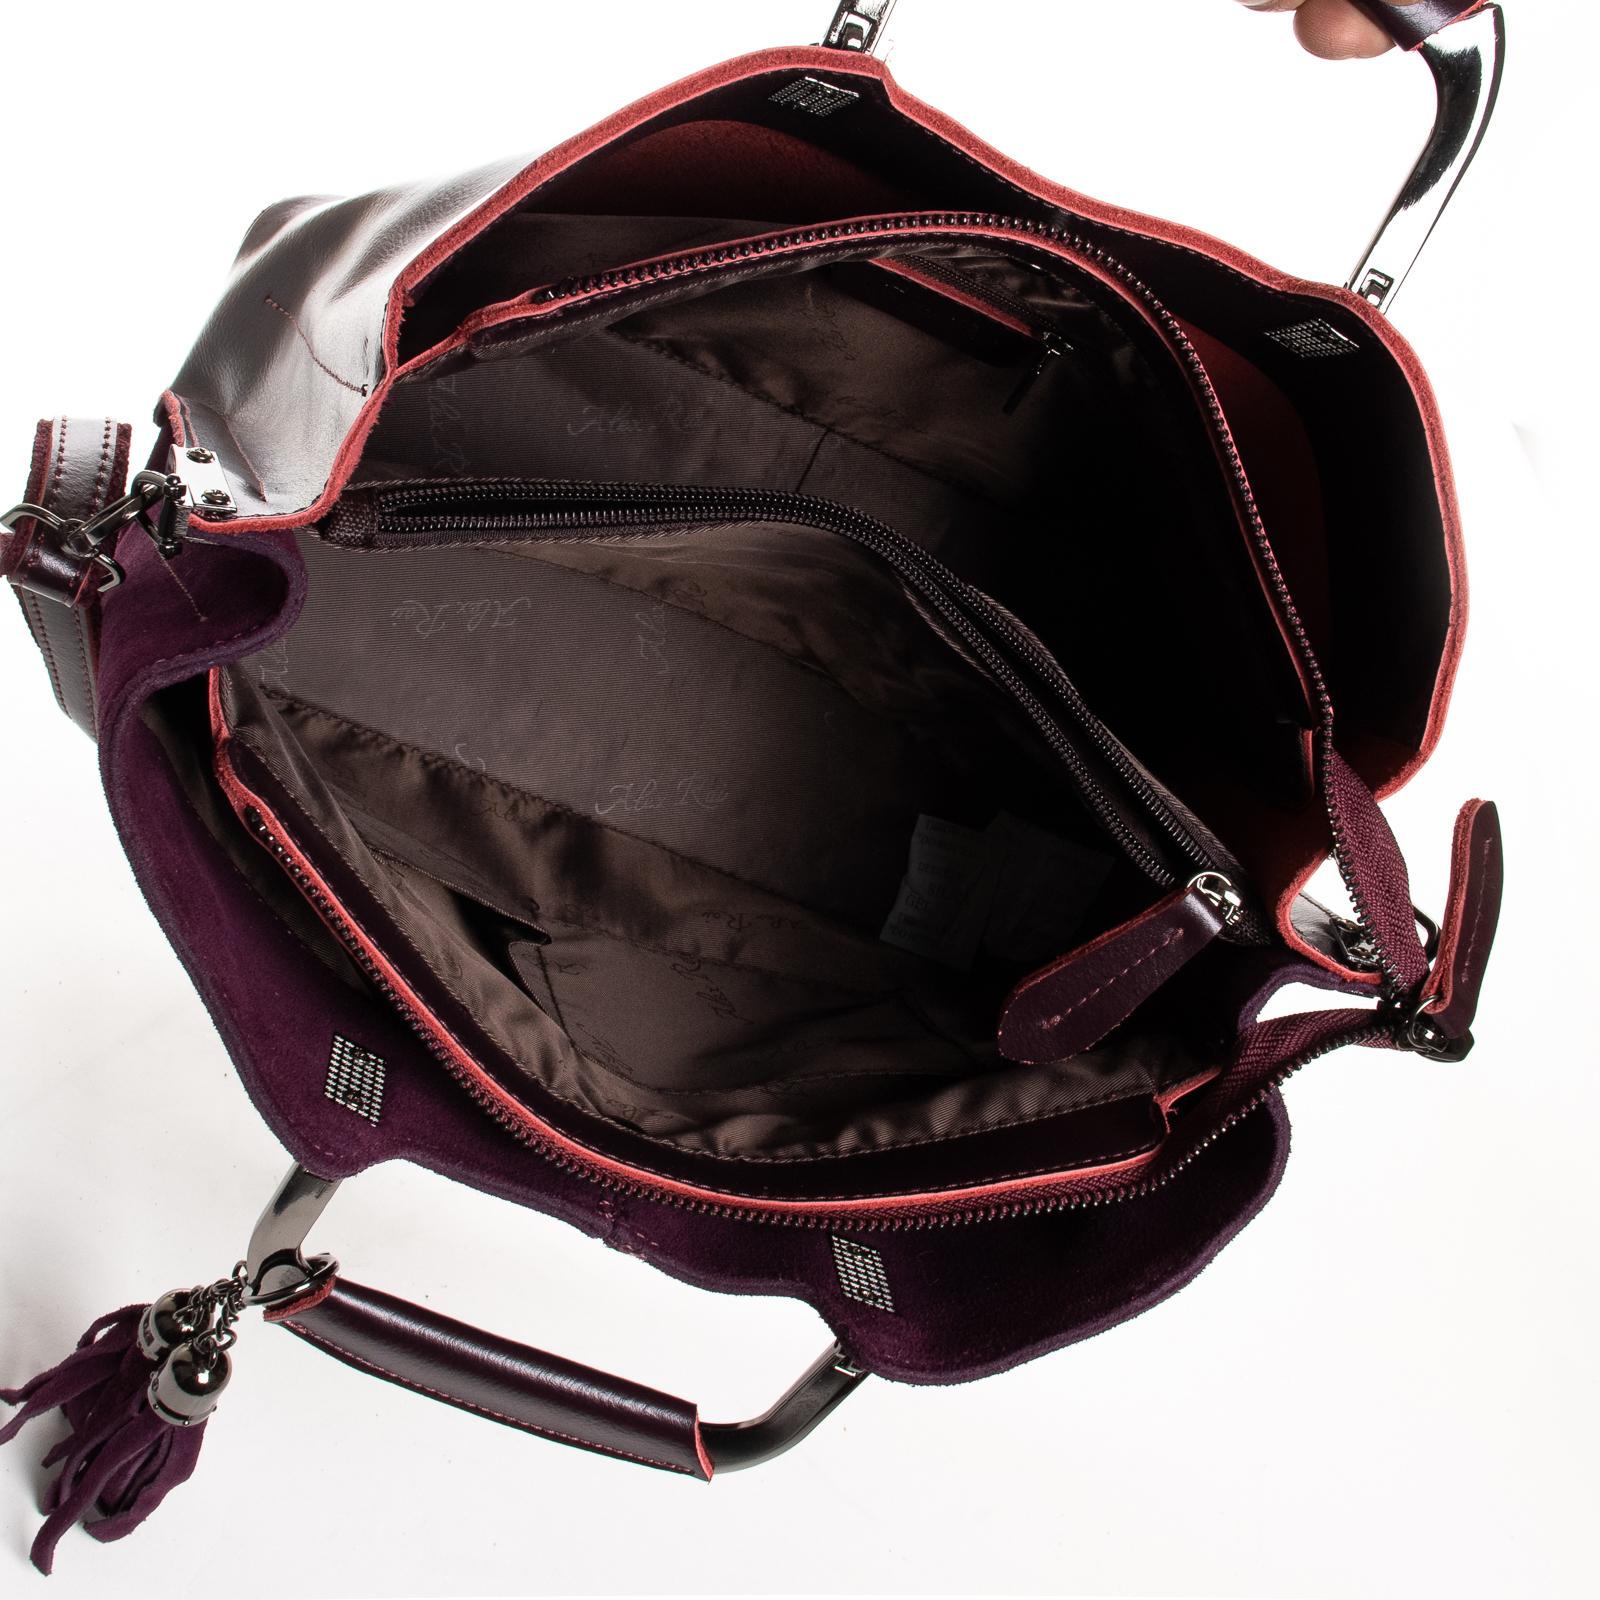 Сумка Женская Классическая замш ALEX RAI 01-09 02-1540-2 wine-red - фото 5